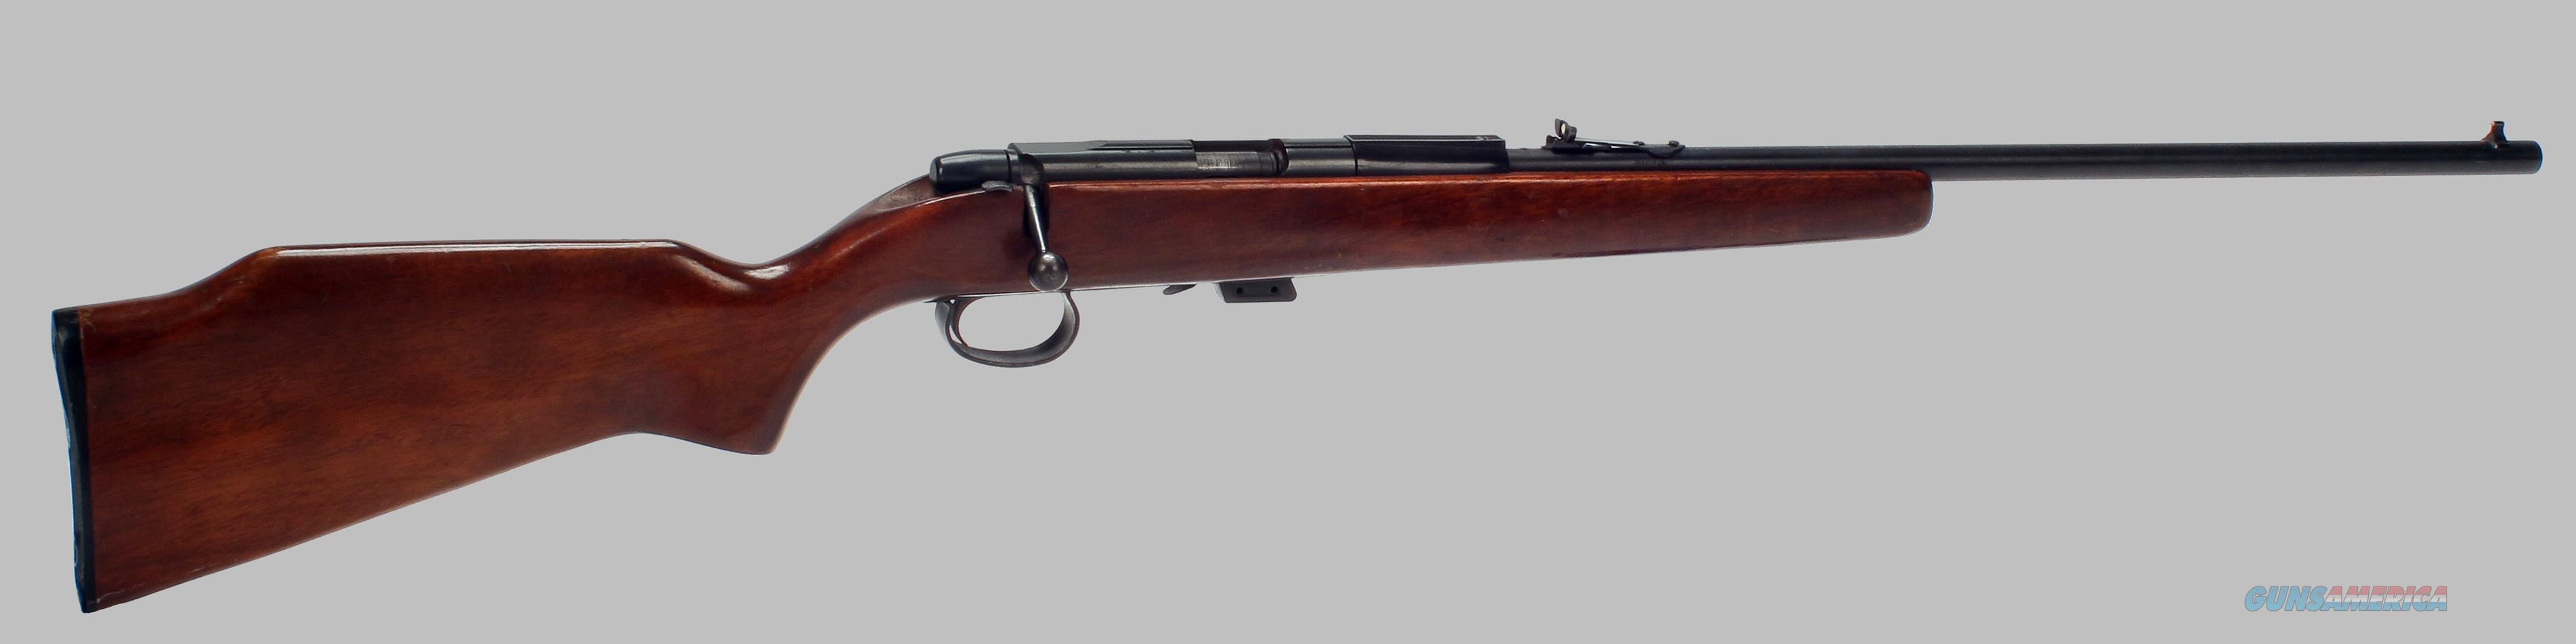 Remington 581 Bolt Action 22LR Rifle